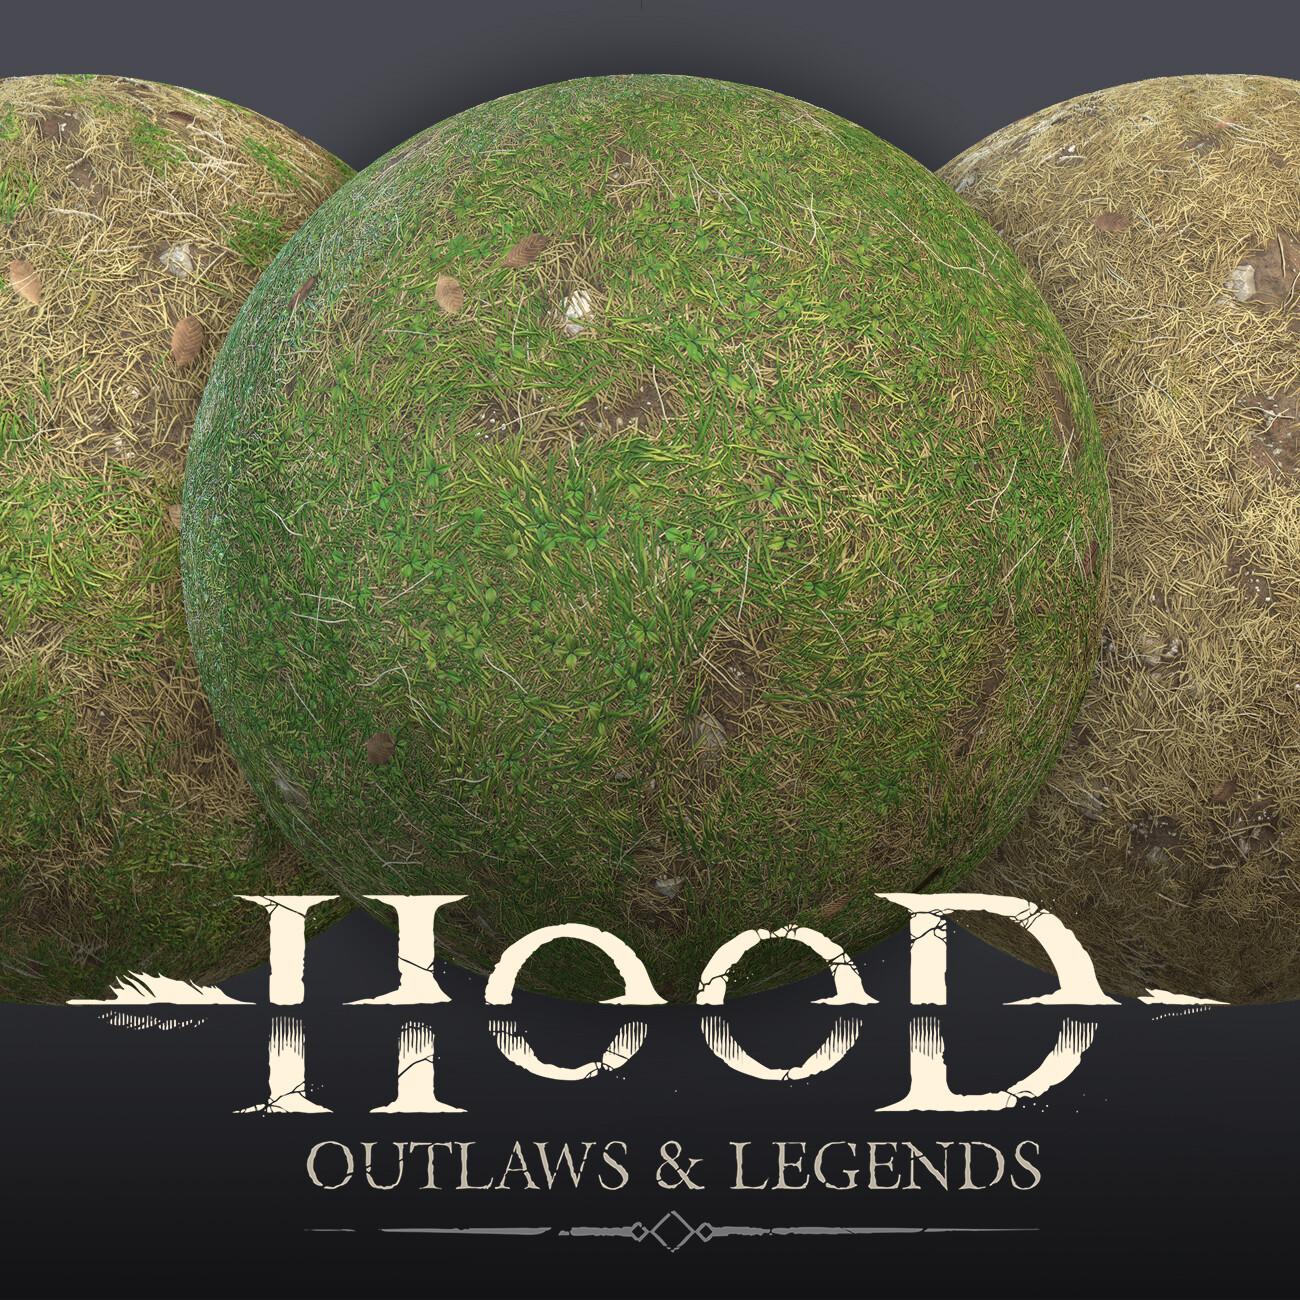 Hood: Outlaws & Legends - Grass Materials